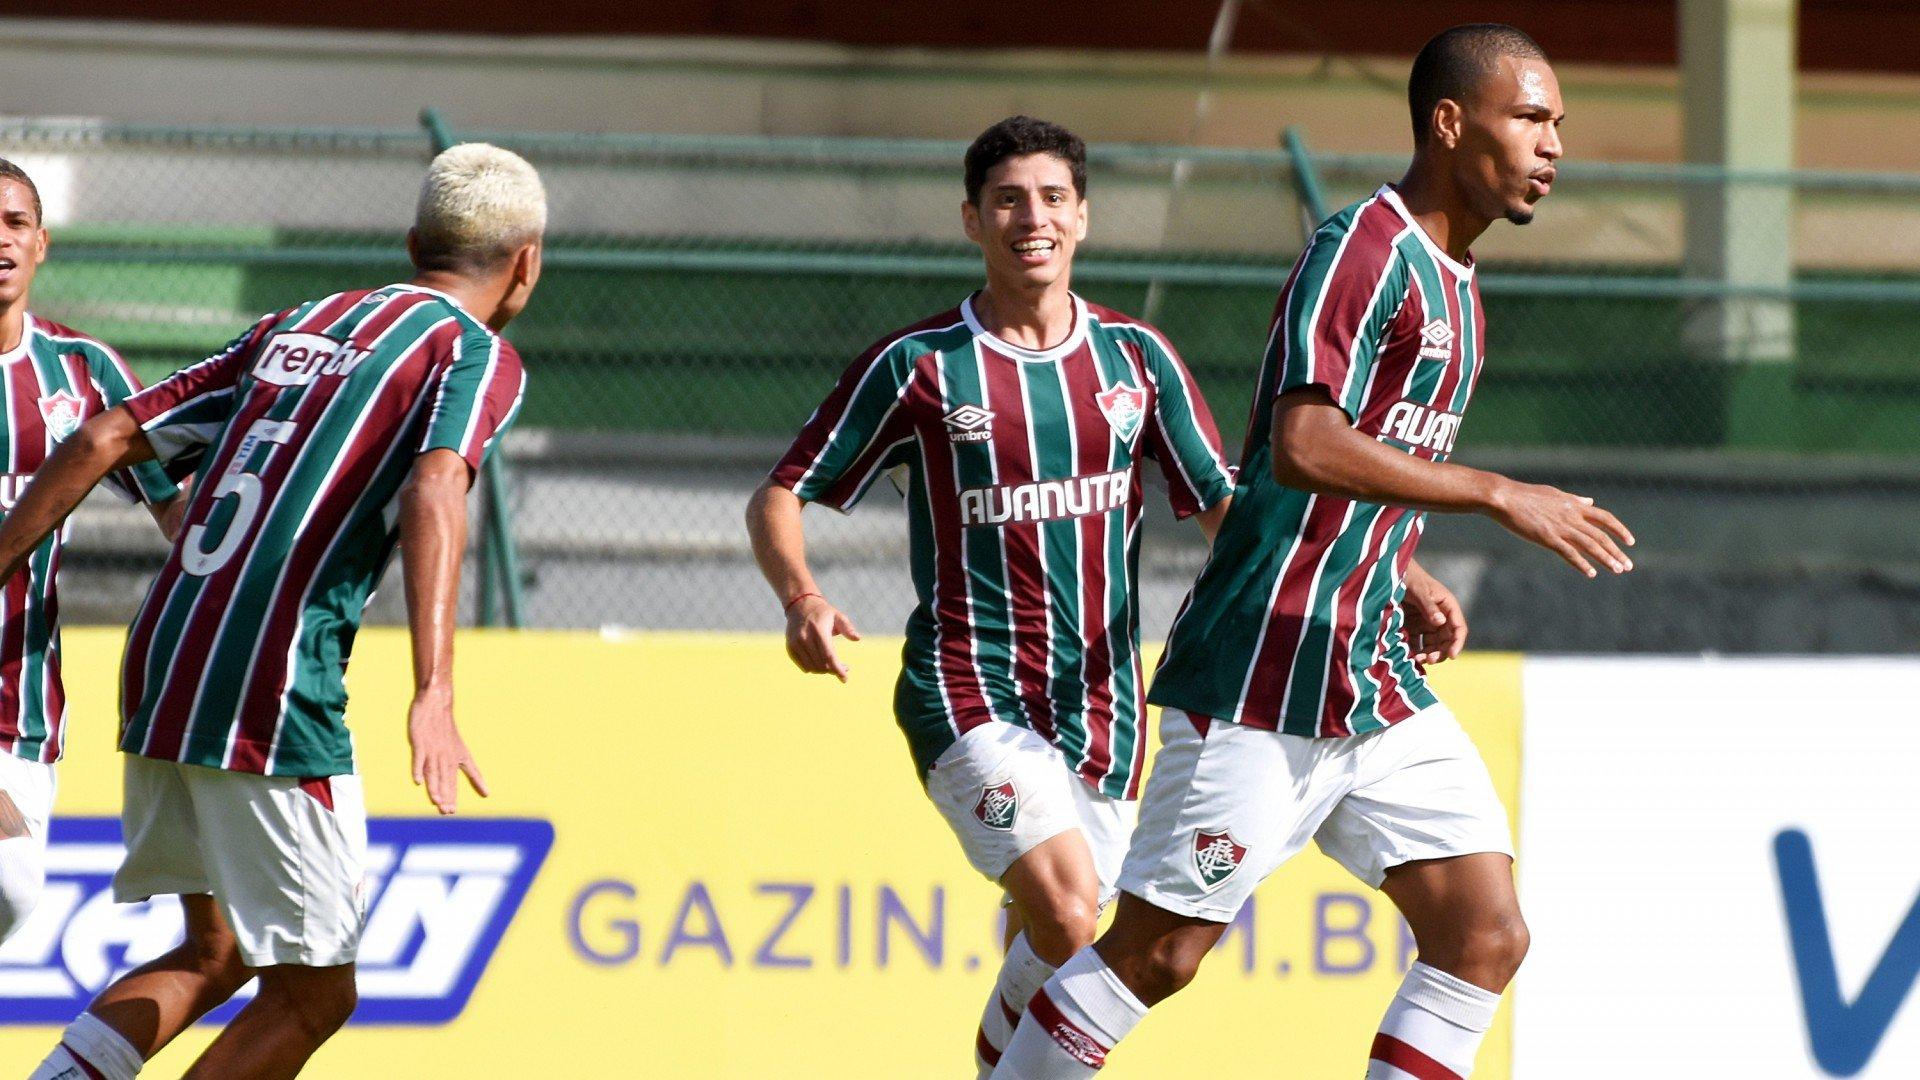 Filho de ex-jogador do Flamengo marca e Fluminense goleia o Rubro-Negro na final do Carioca Sub-20